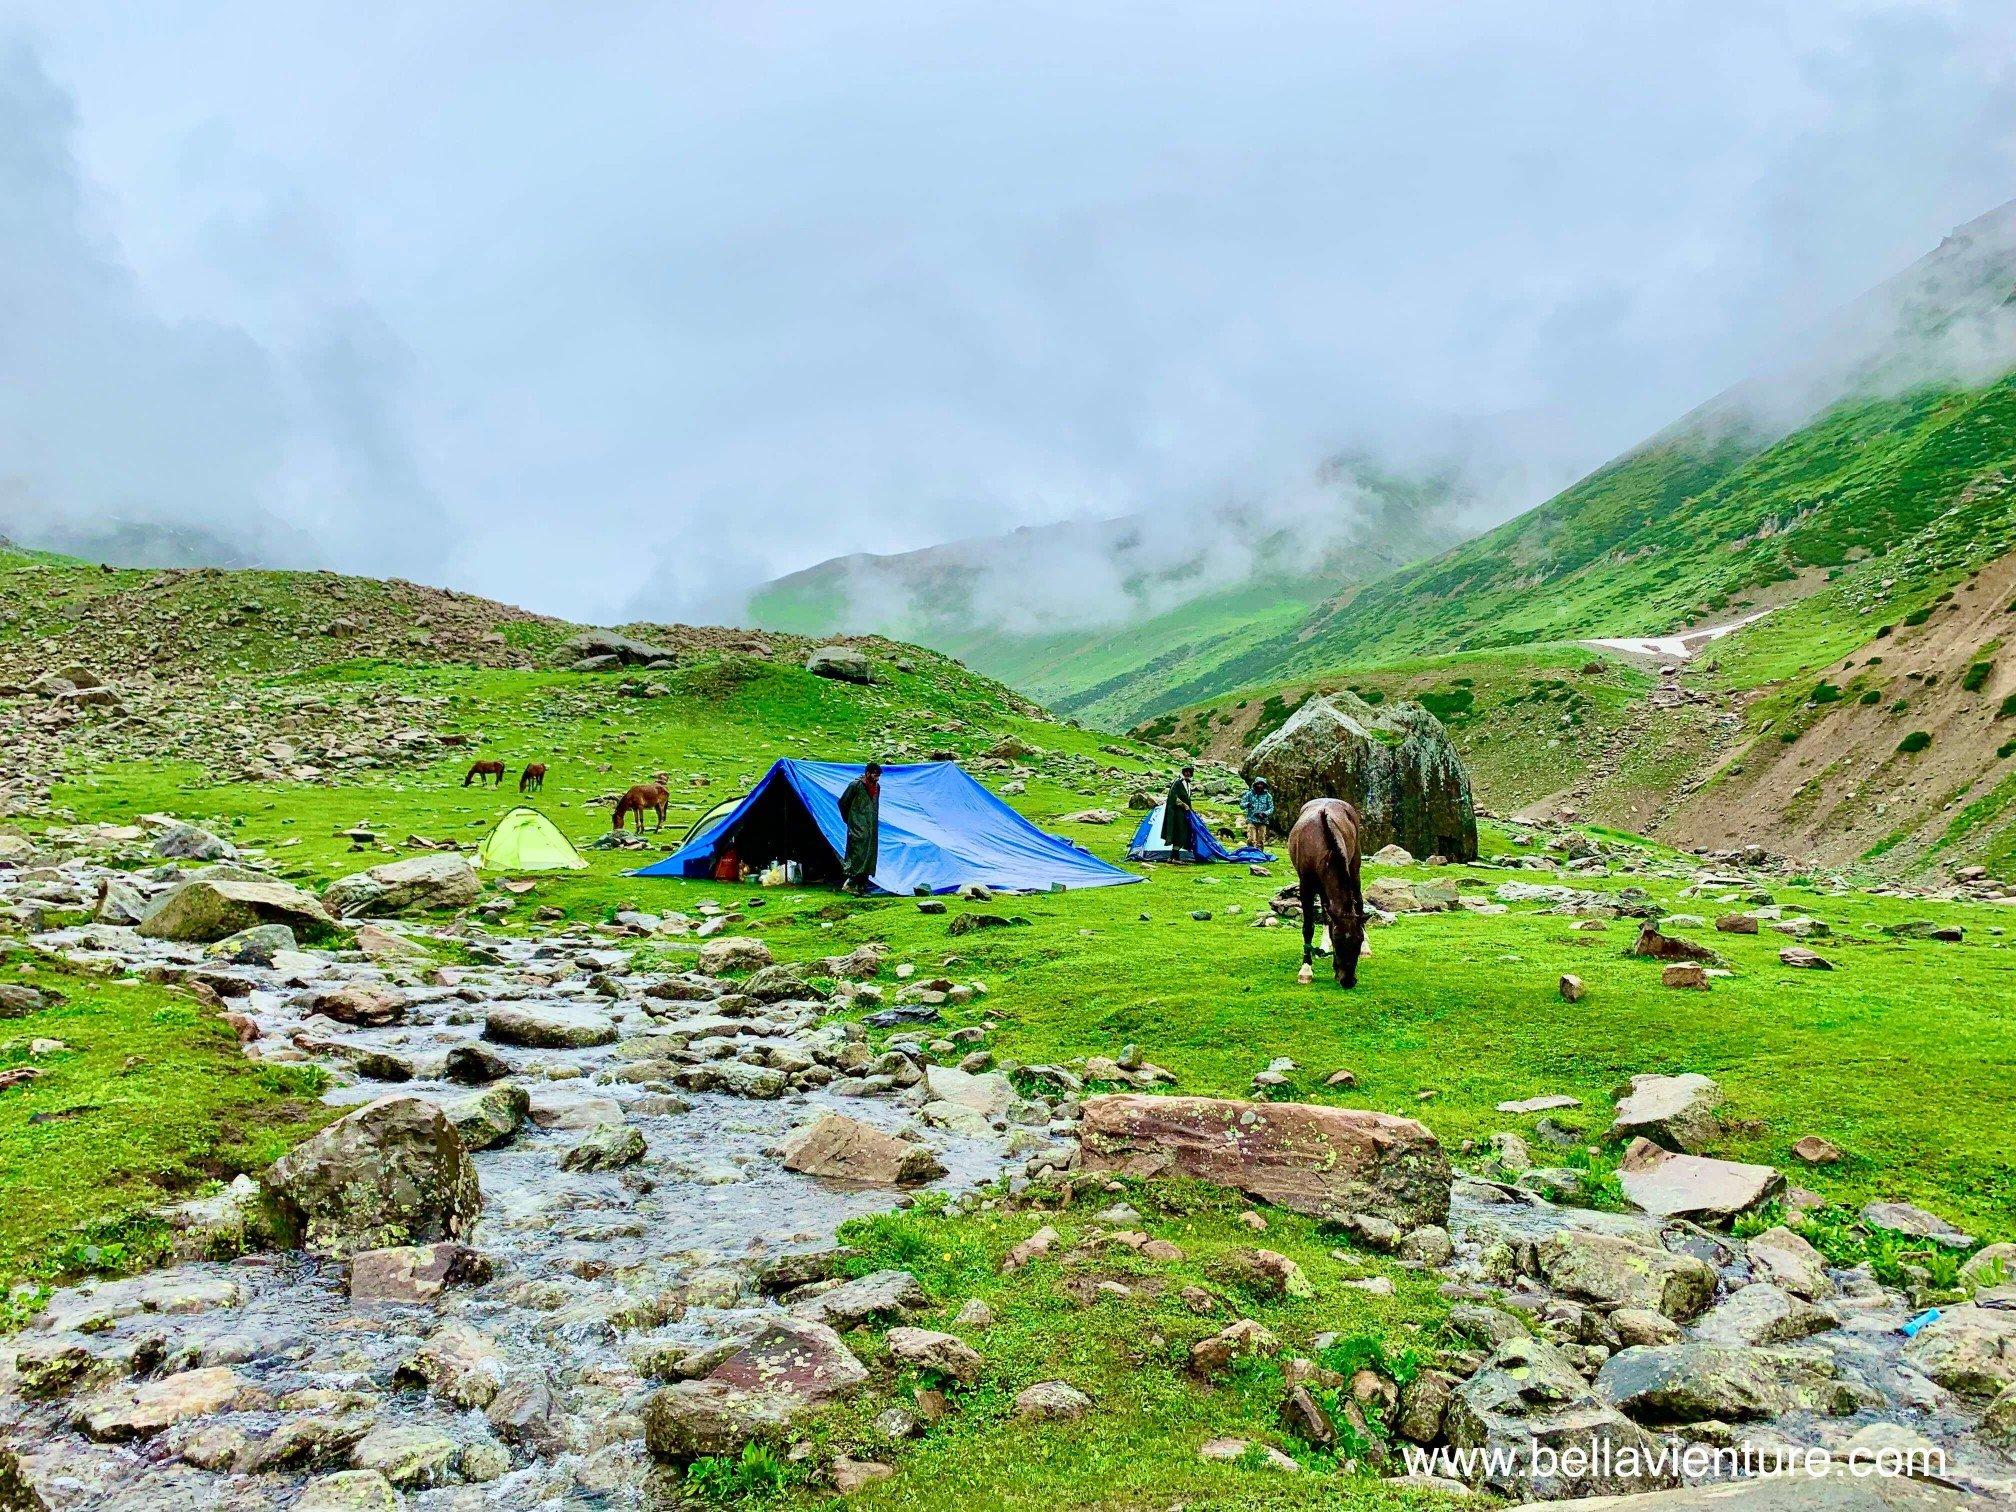 印度 India  喀什米爾 Kashmir  北北印 North India 八天七夜健行 大自然 美景 帳篷